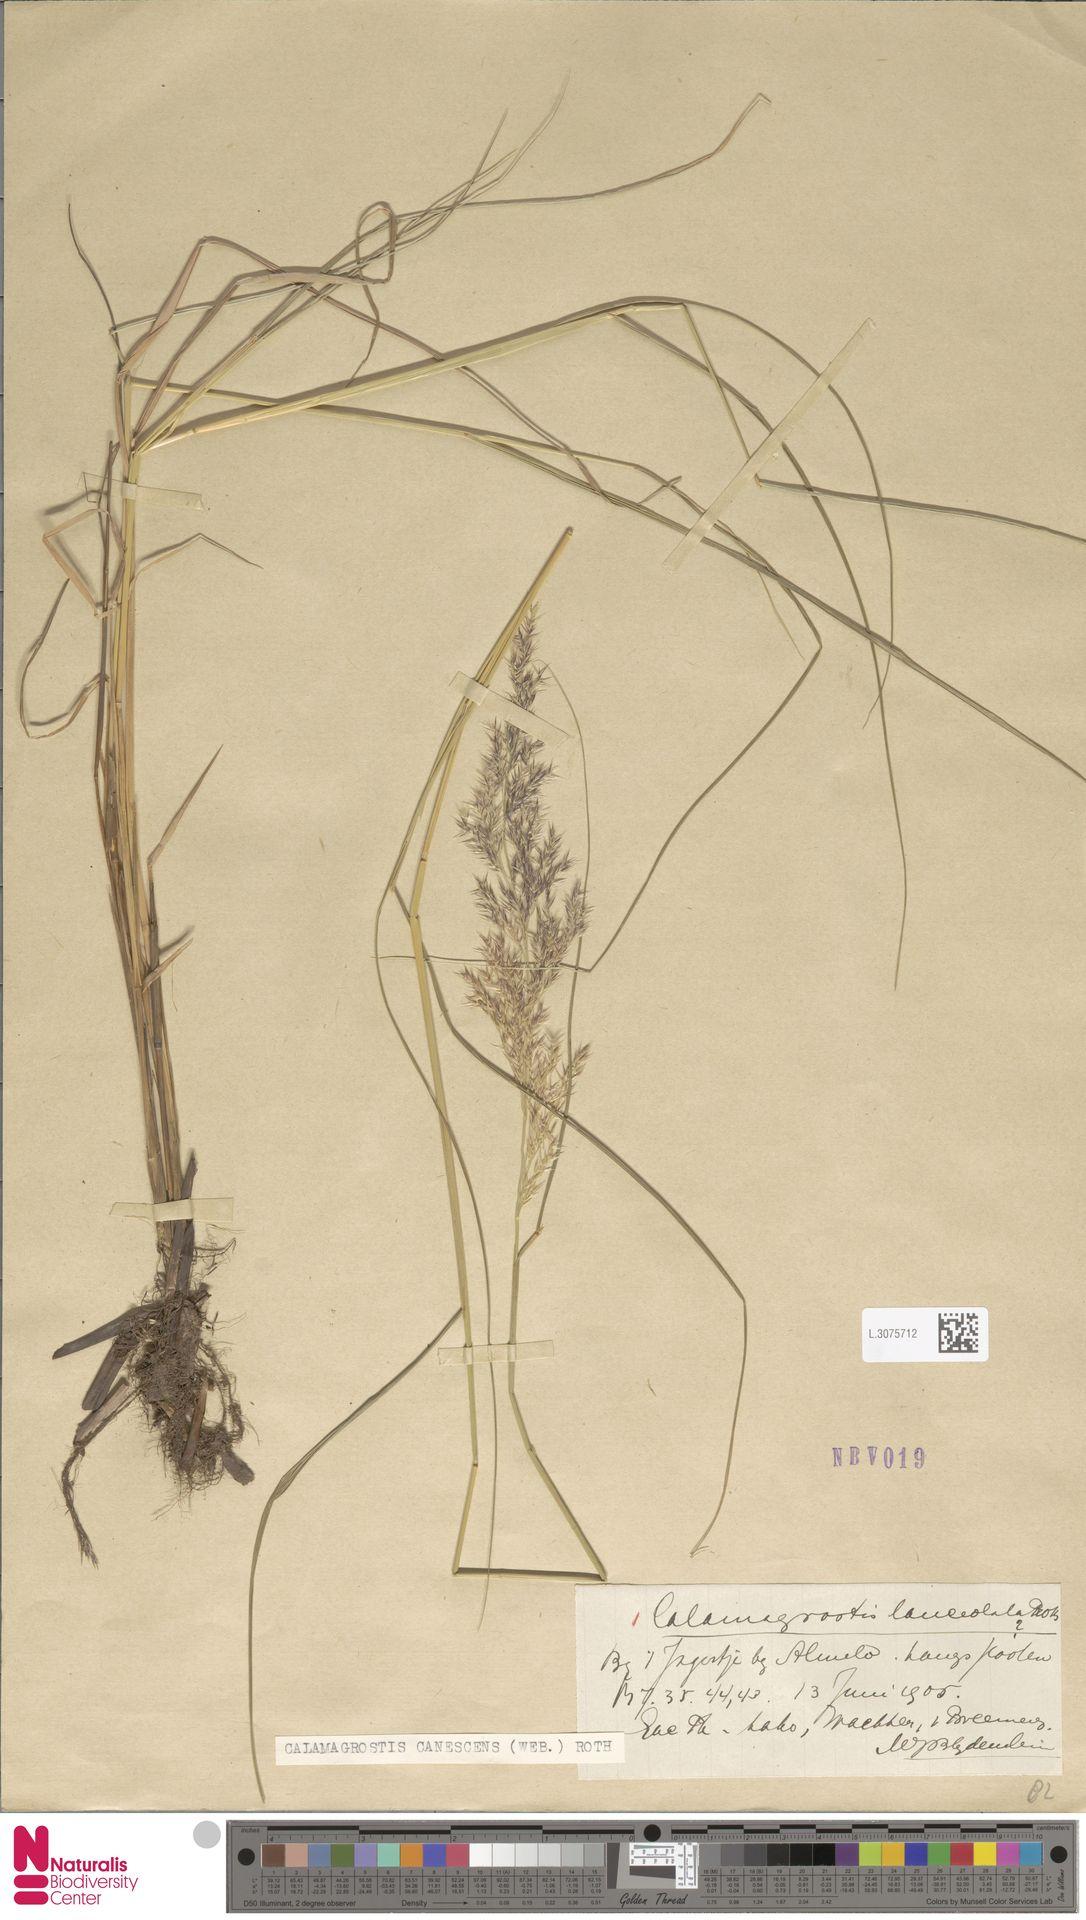 L.3075712 | Calamagrostis canescens (Weber) Roth